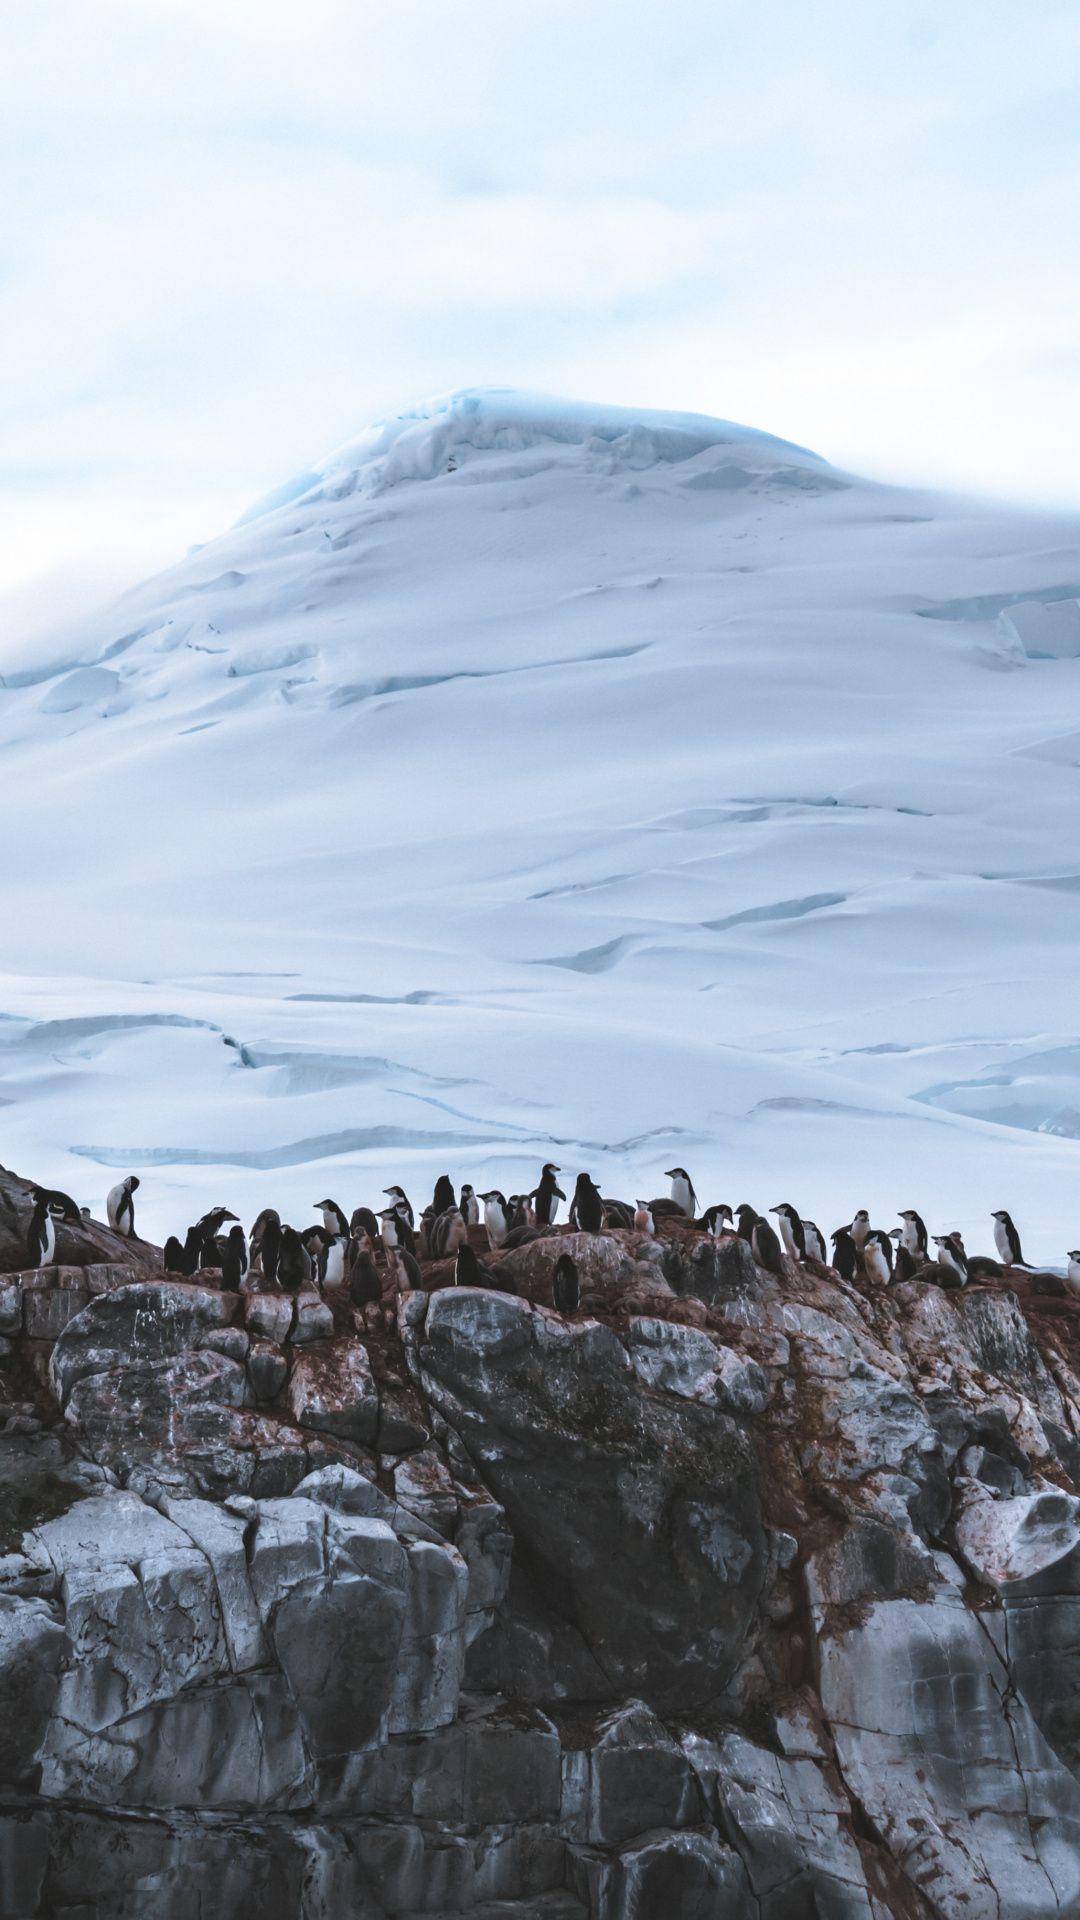 Wallpapers snow, penguins, desert, wilderness, Penguin